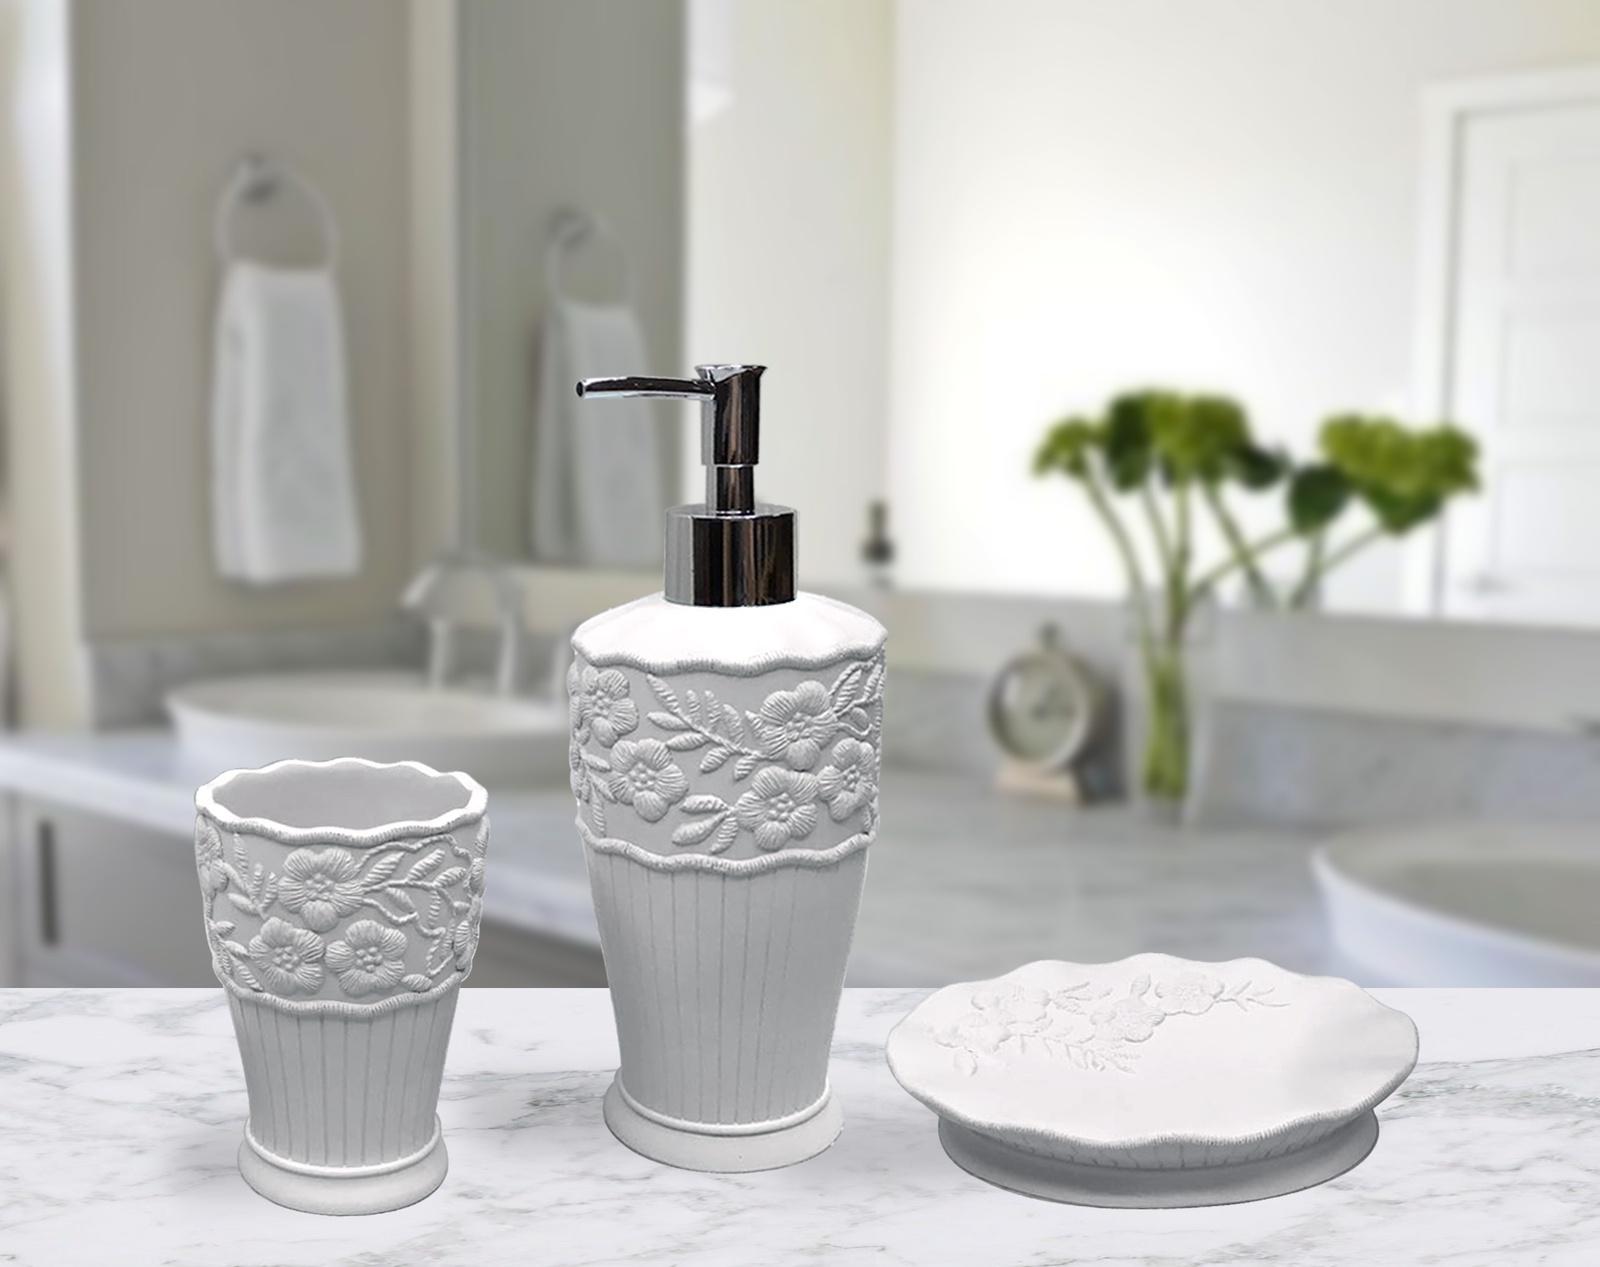 Набор для ванной комнаты №8 белыйВК-8-белыйДобавьте роскоши в интерьер Вашей ванной комнаты. В наборе имеется все необходимое: дозатор для жидкого мыла, стаканчик для зубных щеток, мыльница для твердого мыла. Современный полимерный материал Полирезина - имеет прекрасные потребительские свойства, предметы довольно тяжелые и напоминают природный камень.